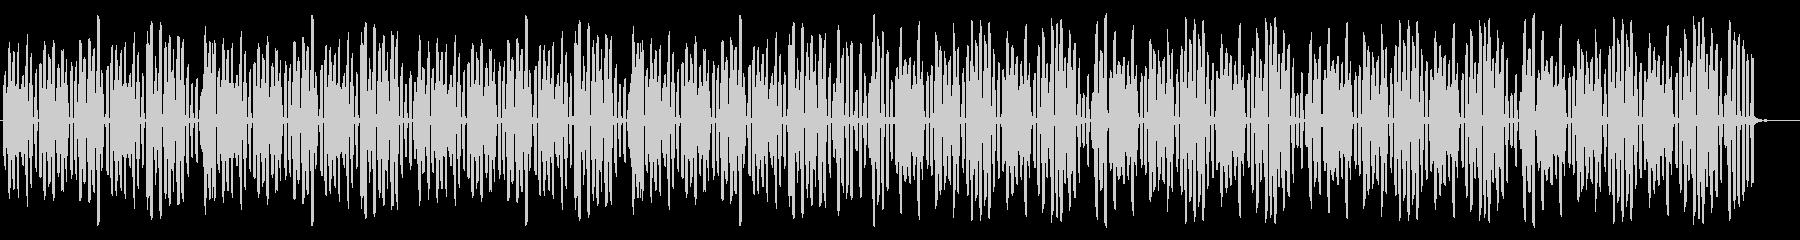 ほのぼの・のんきで穏やかなリコーダー曲の未再生の波形